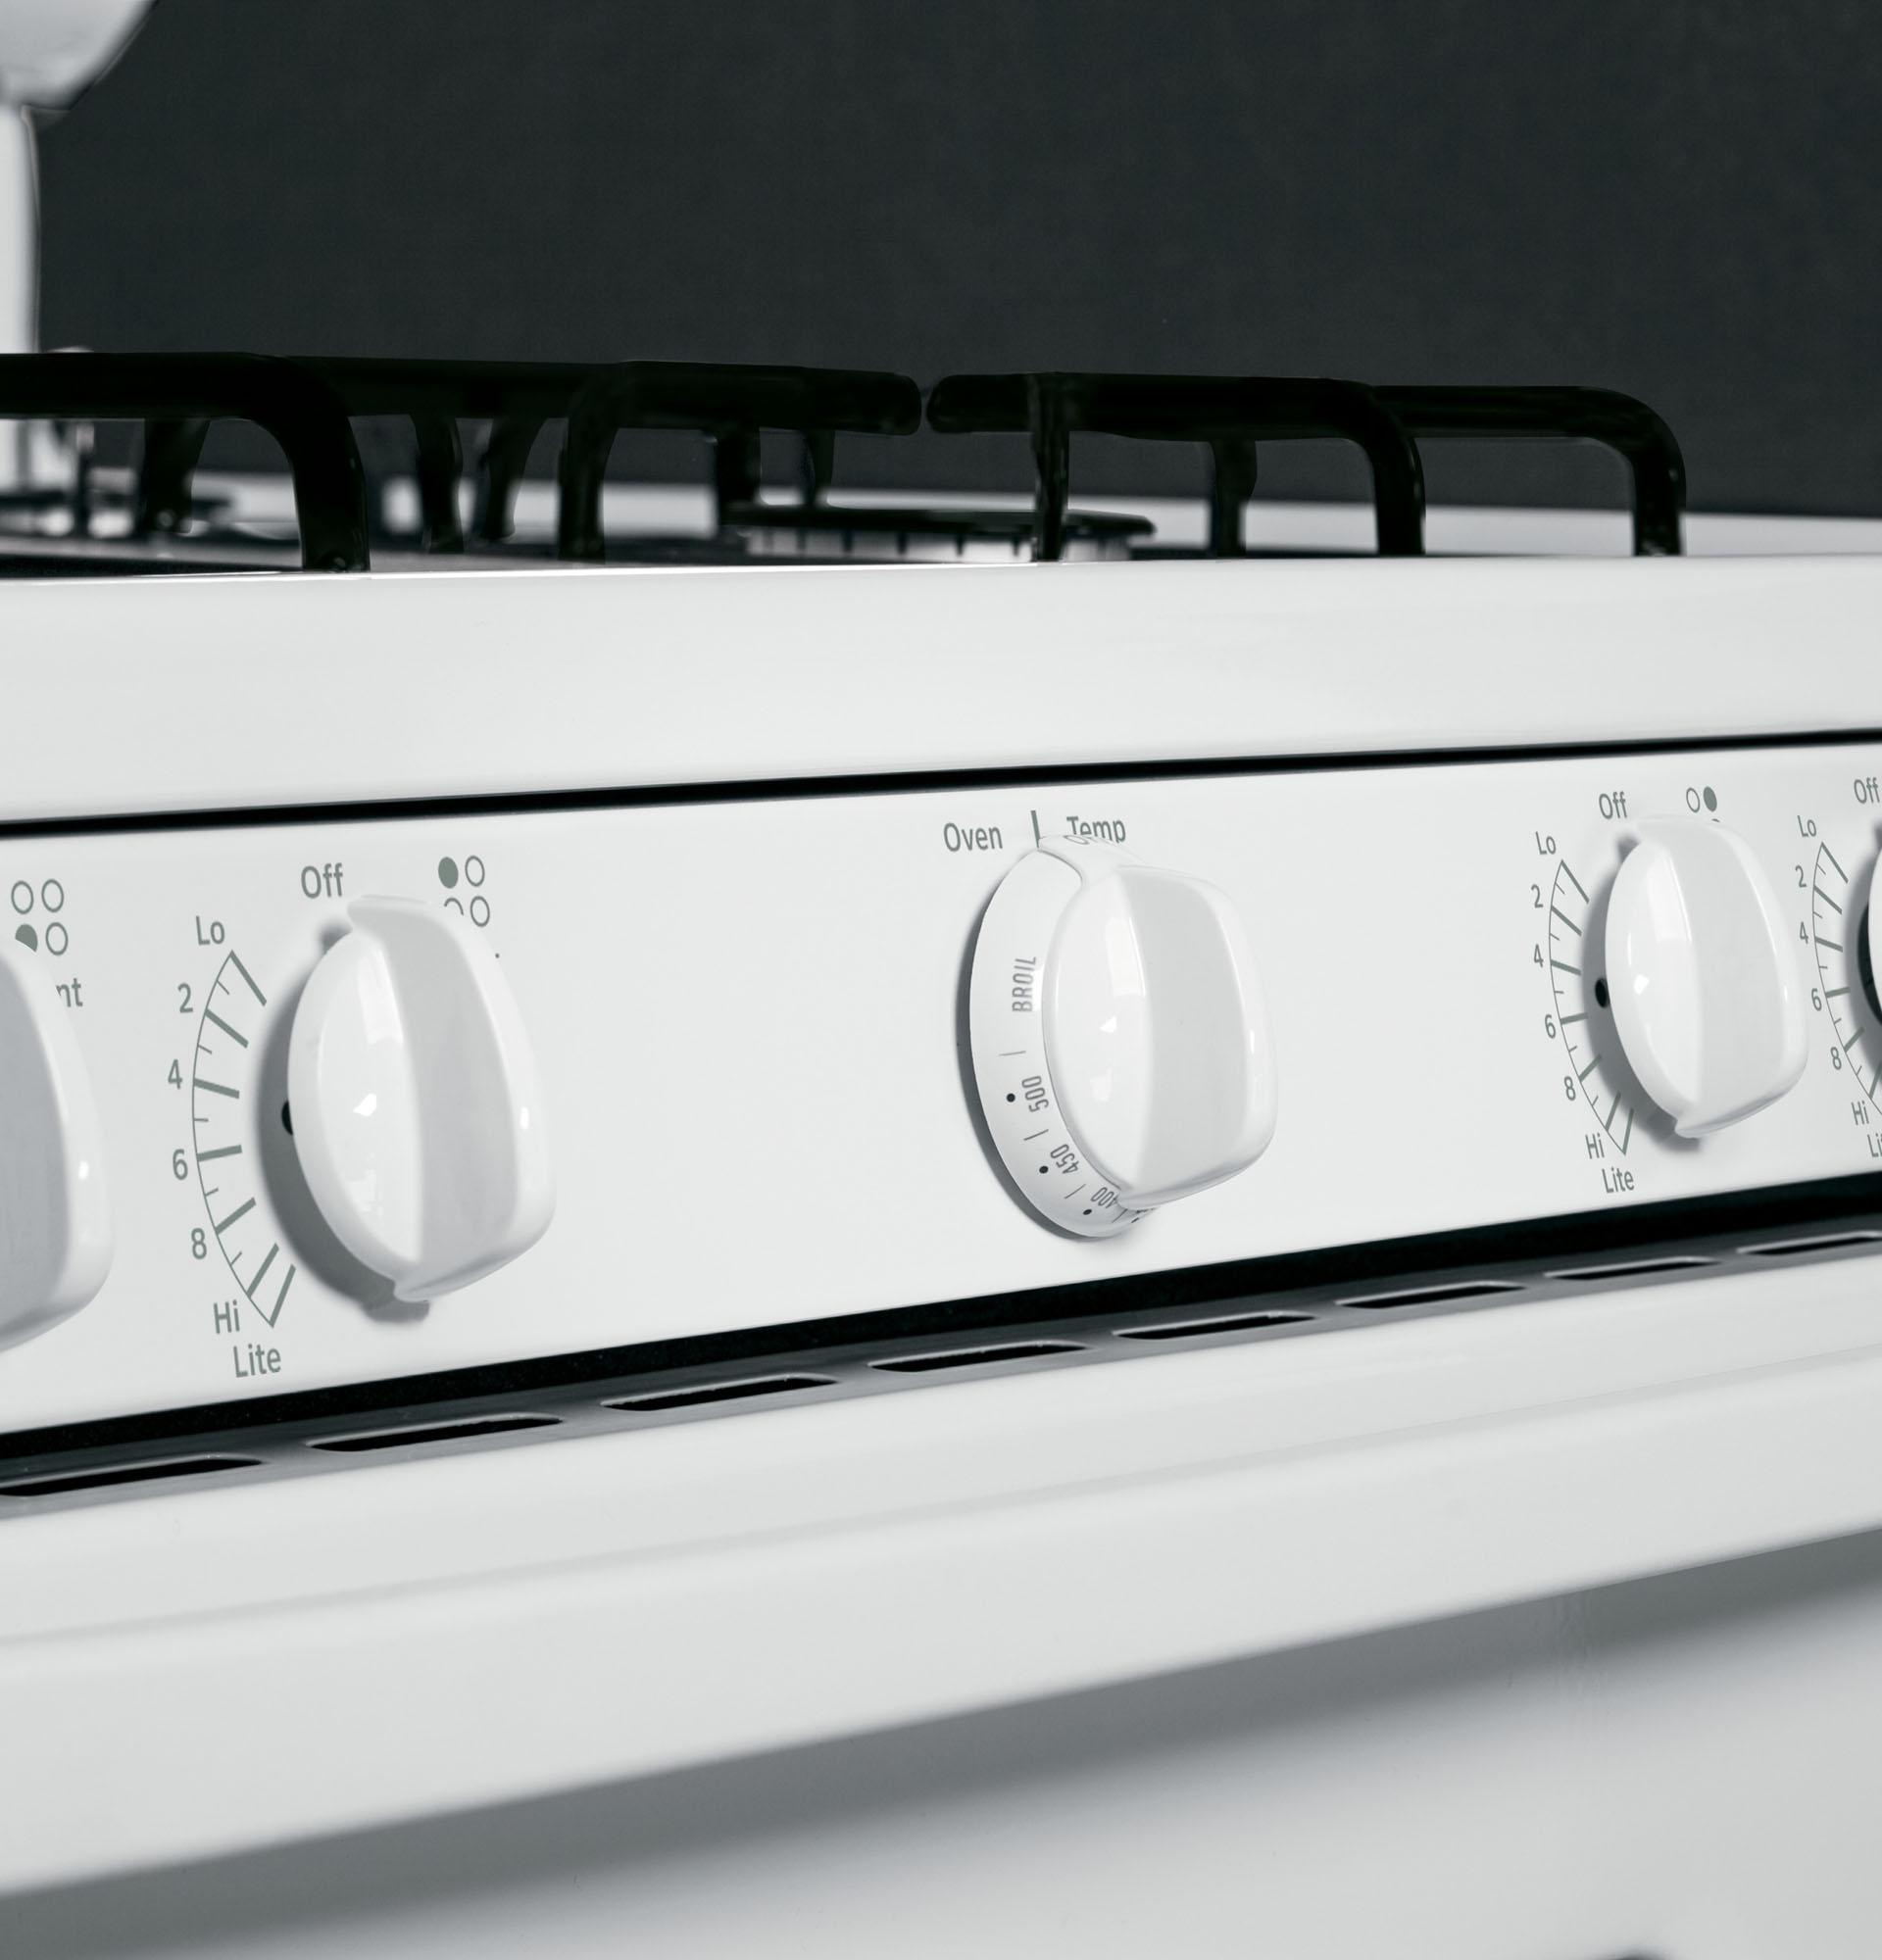 Hotpoint RGB526DEHWW 4.8 cu. ft. Freestanding Gas Range - White